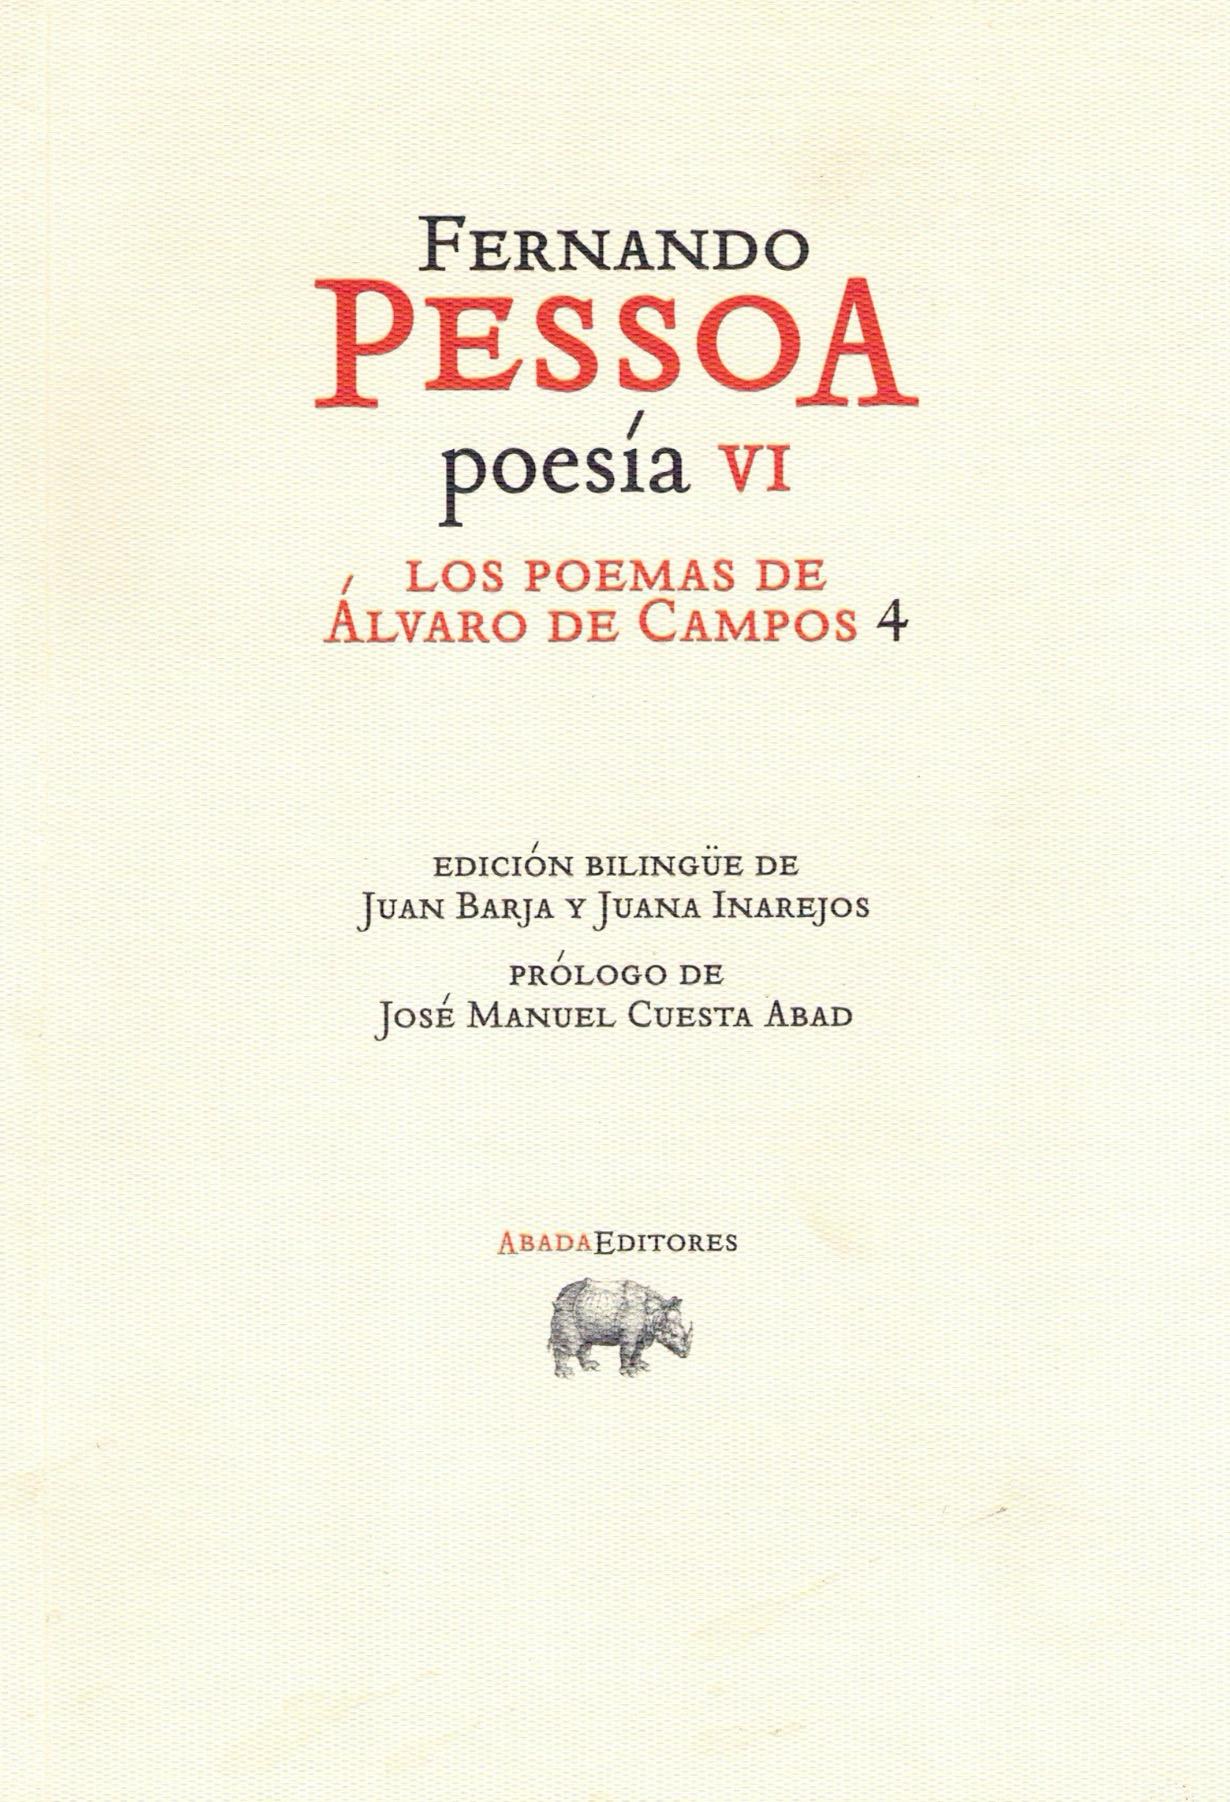 Los poemas de Álvaro de Campos 4 - Fernando Pessoa pdf